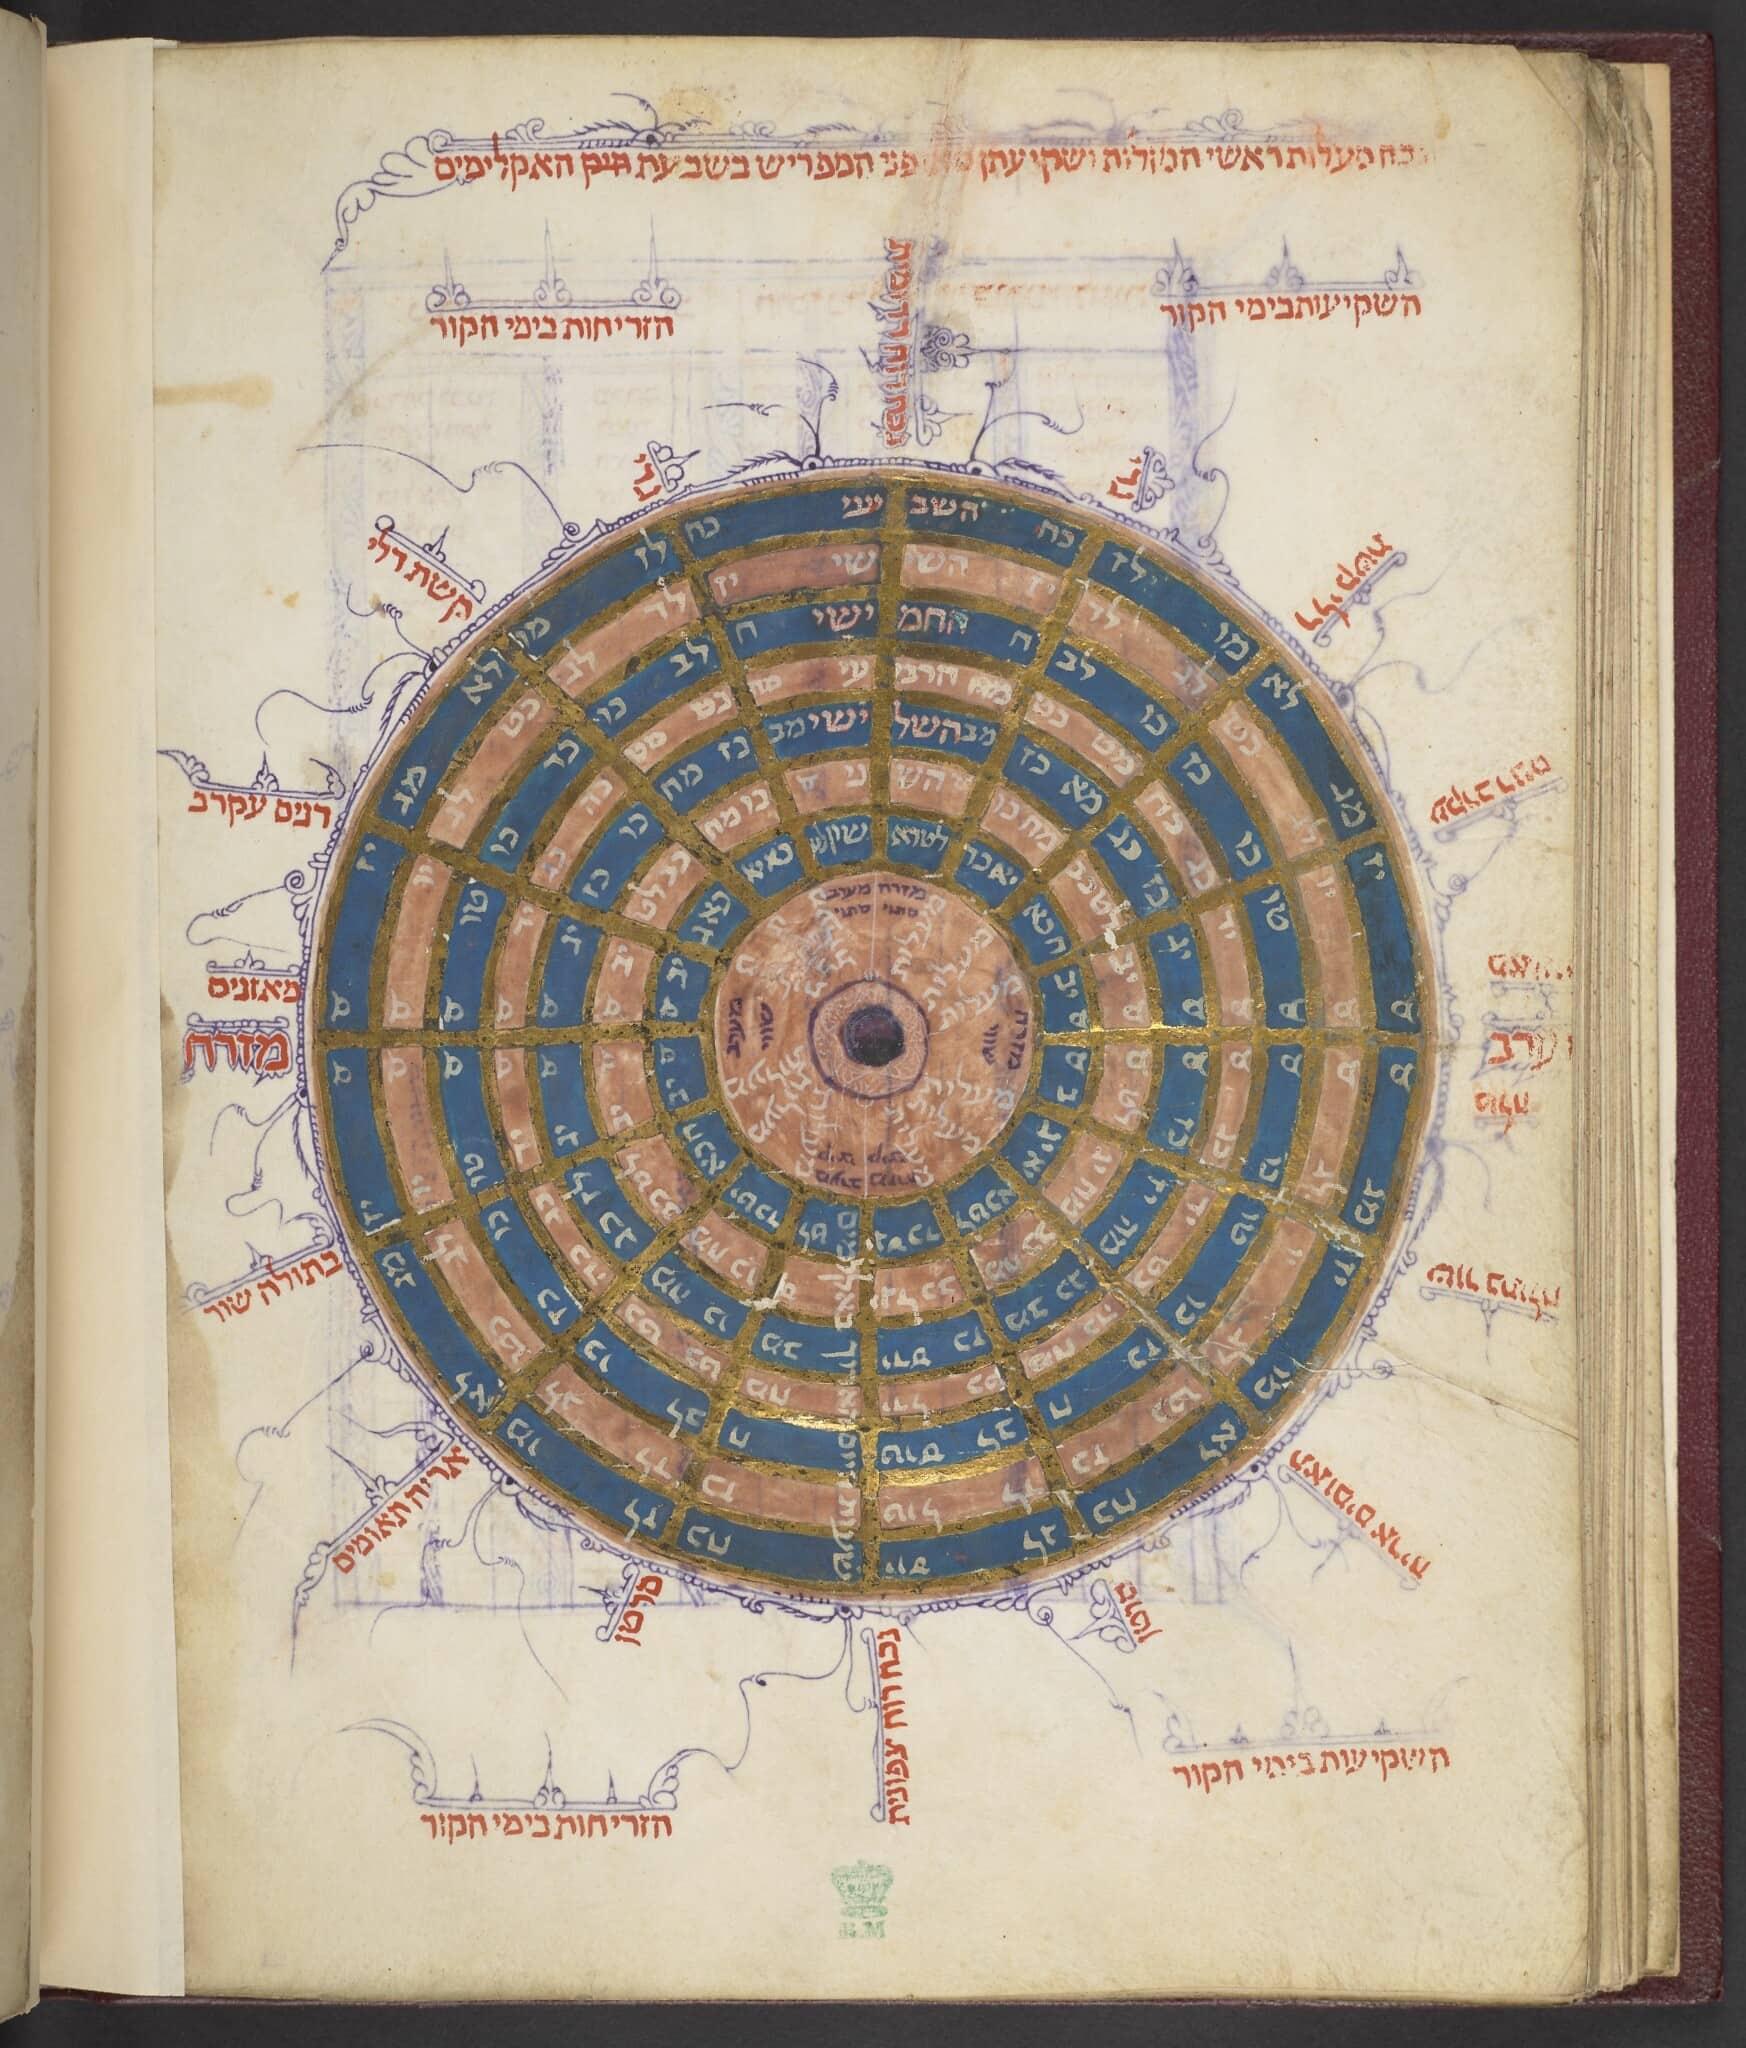 סדרת לוחות שנה וטבלאות אסטרונומיות מהמאה ה-15 (צילום: British Library Board)